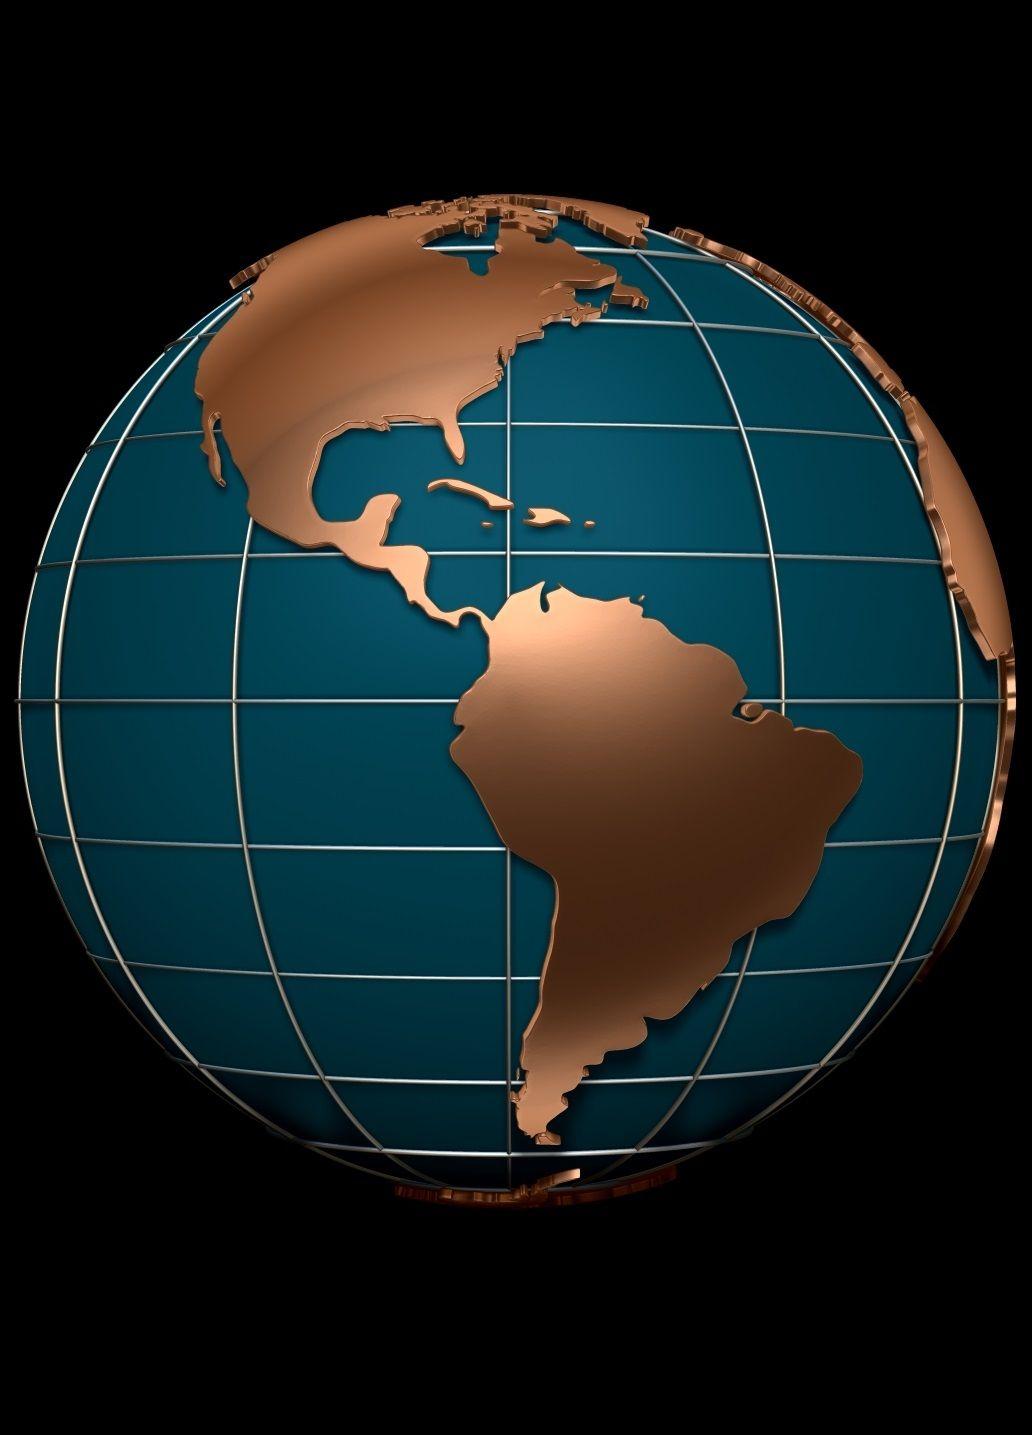 Globe Map 3d : globe, Earth, Globe, Model, Wallpaper, Earth,, Globe,, Abstract, Iphone